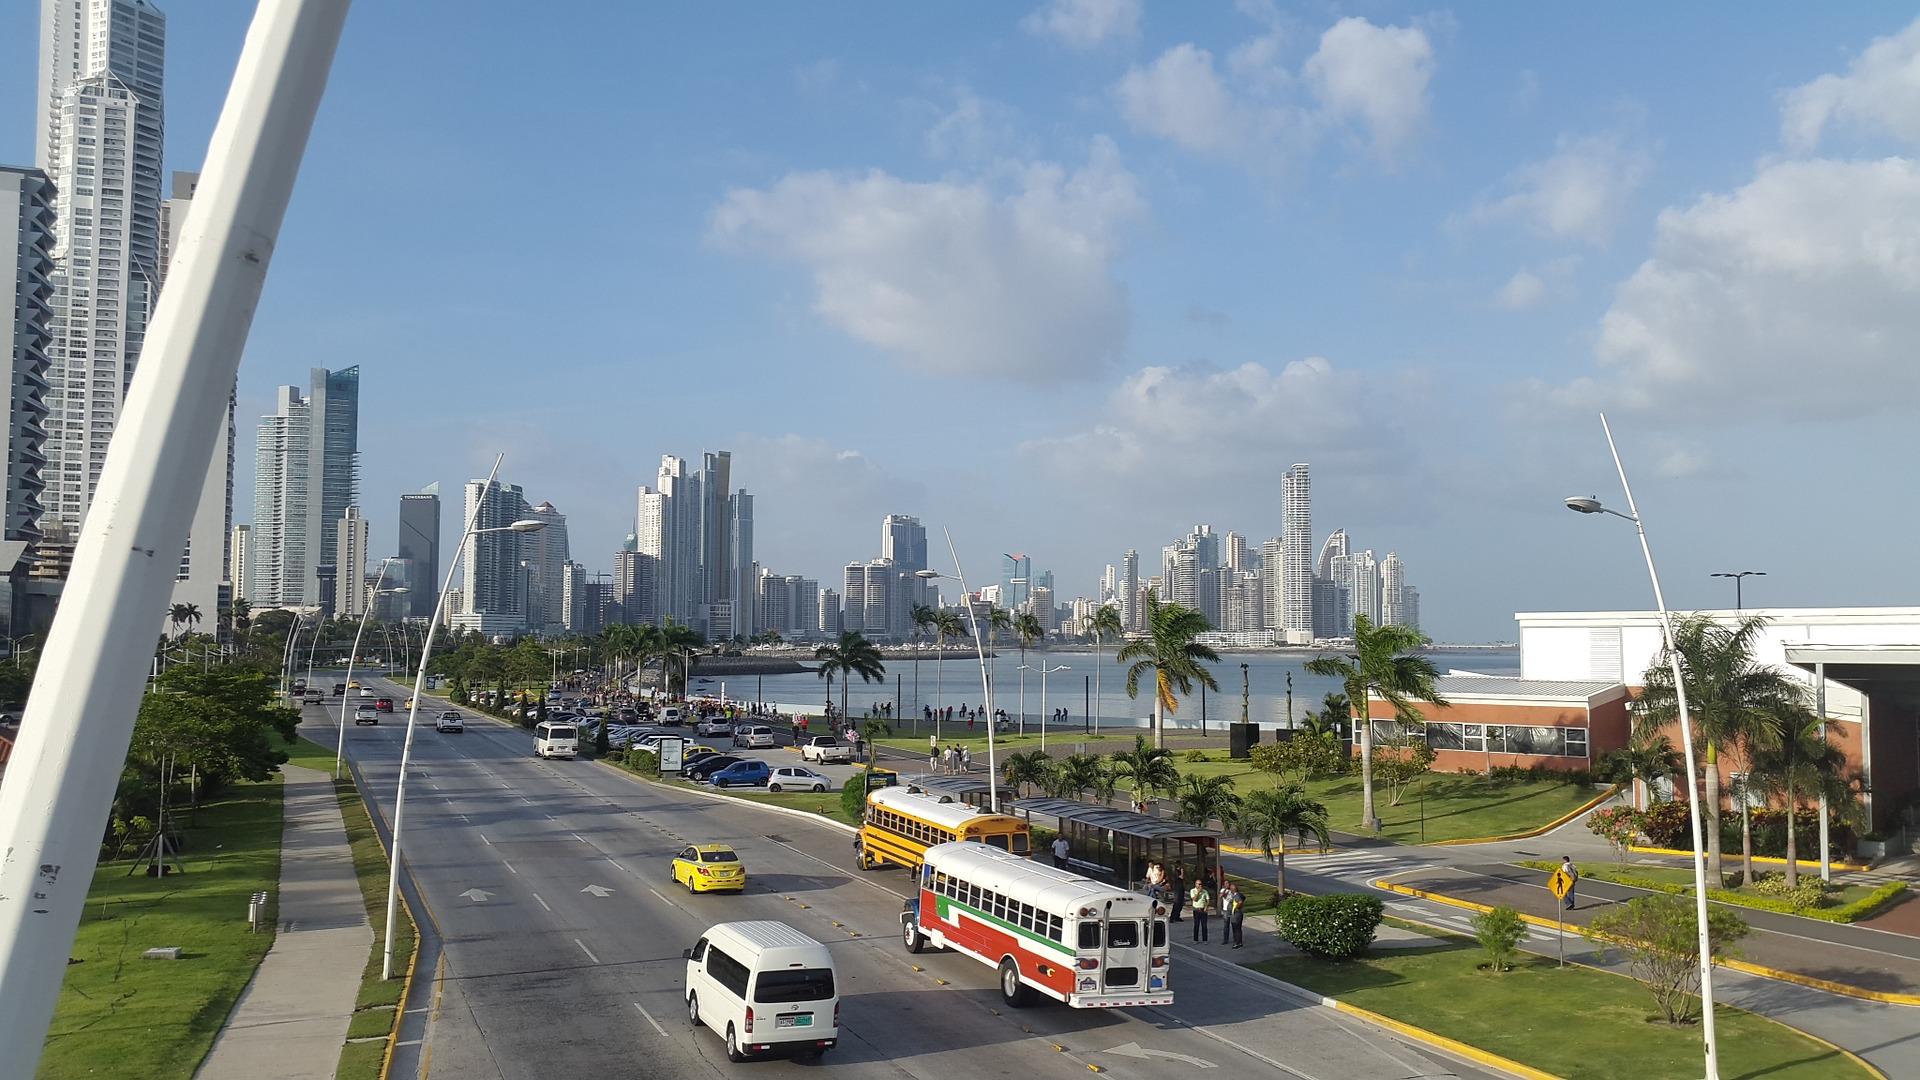 voyage de luxe Panama à Panama City avec un circuit sur mesure